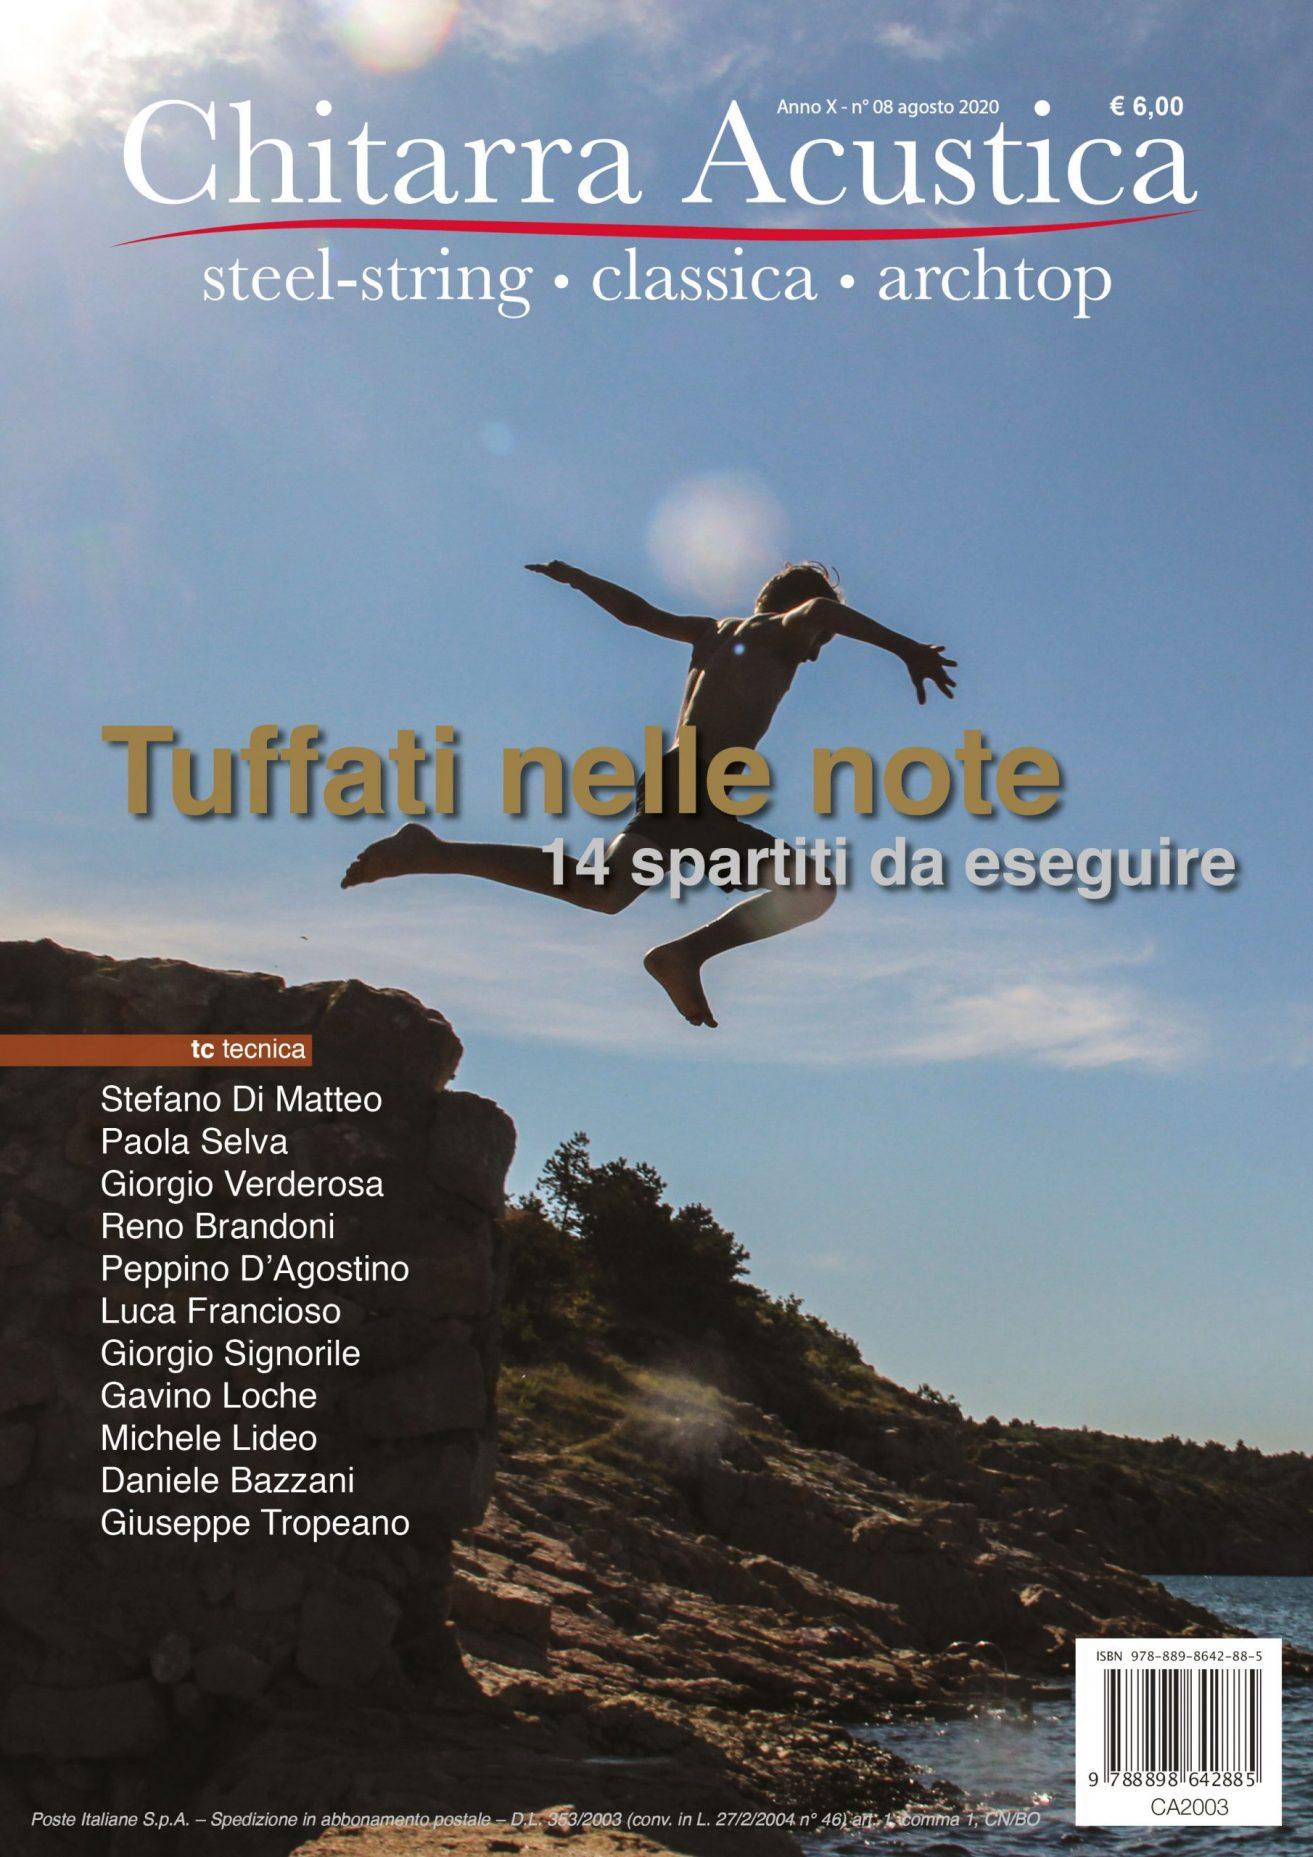 Chitarra Acustica, 8-20